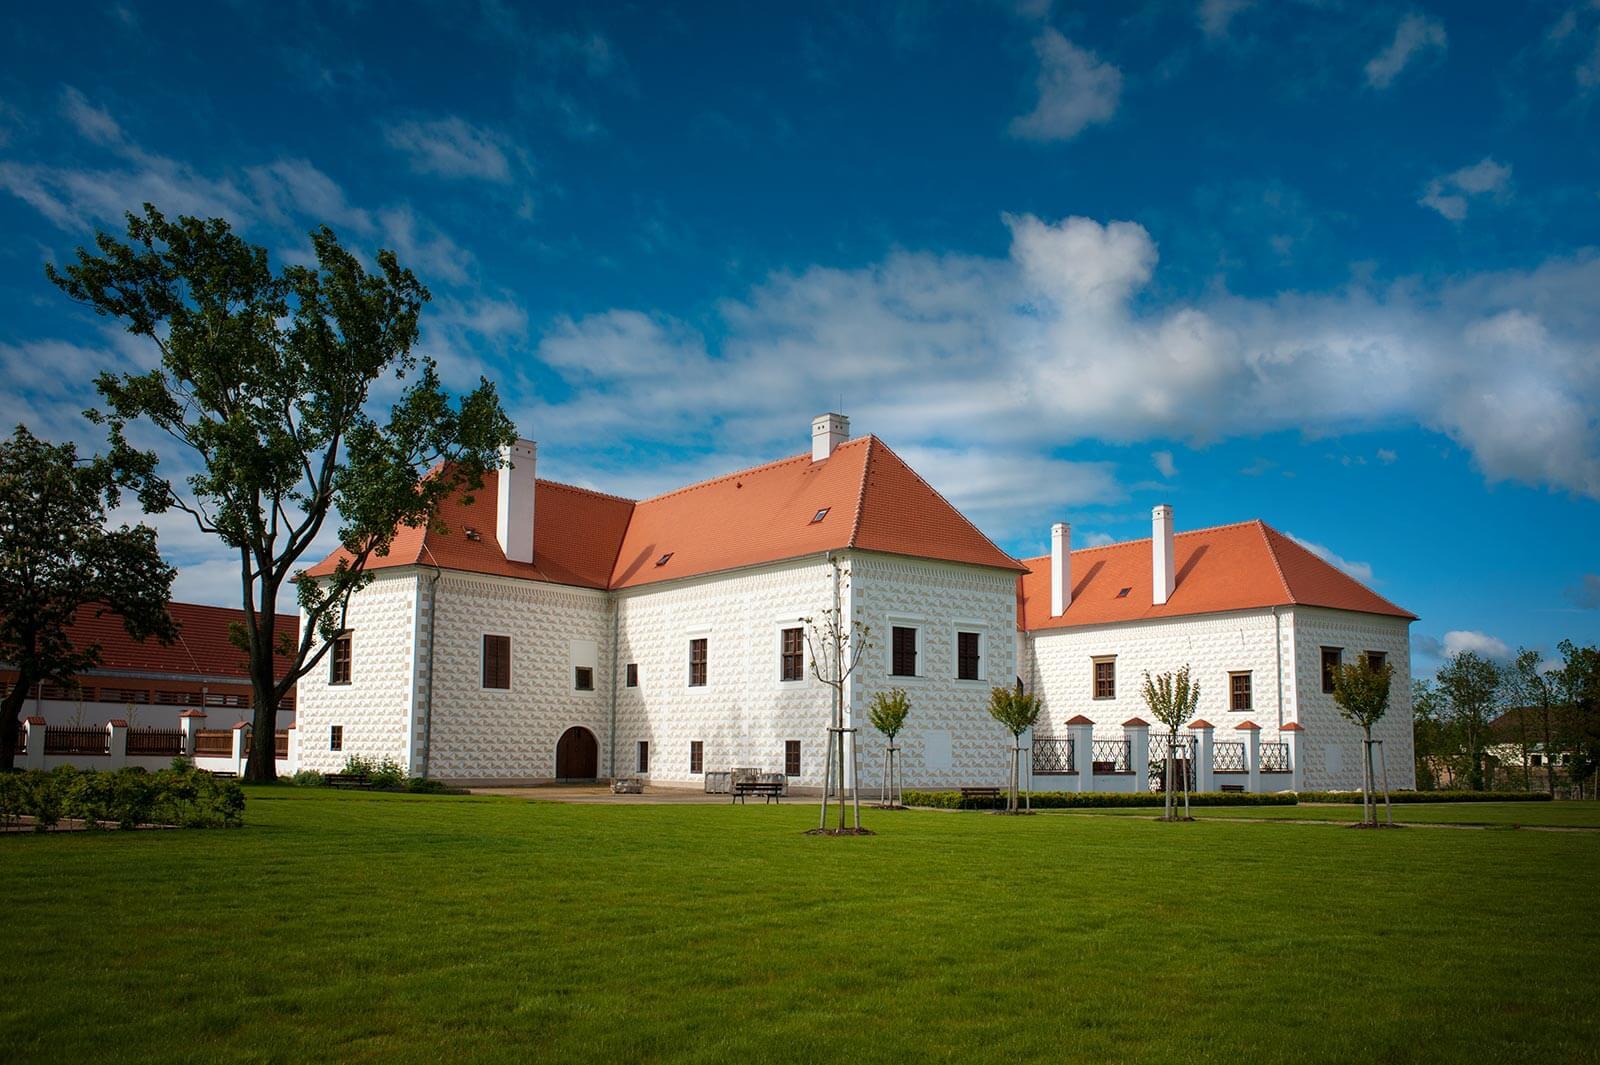 zamek-valec-hotel